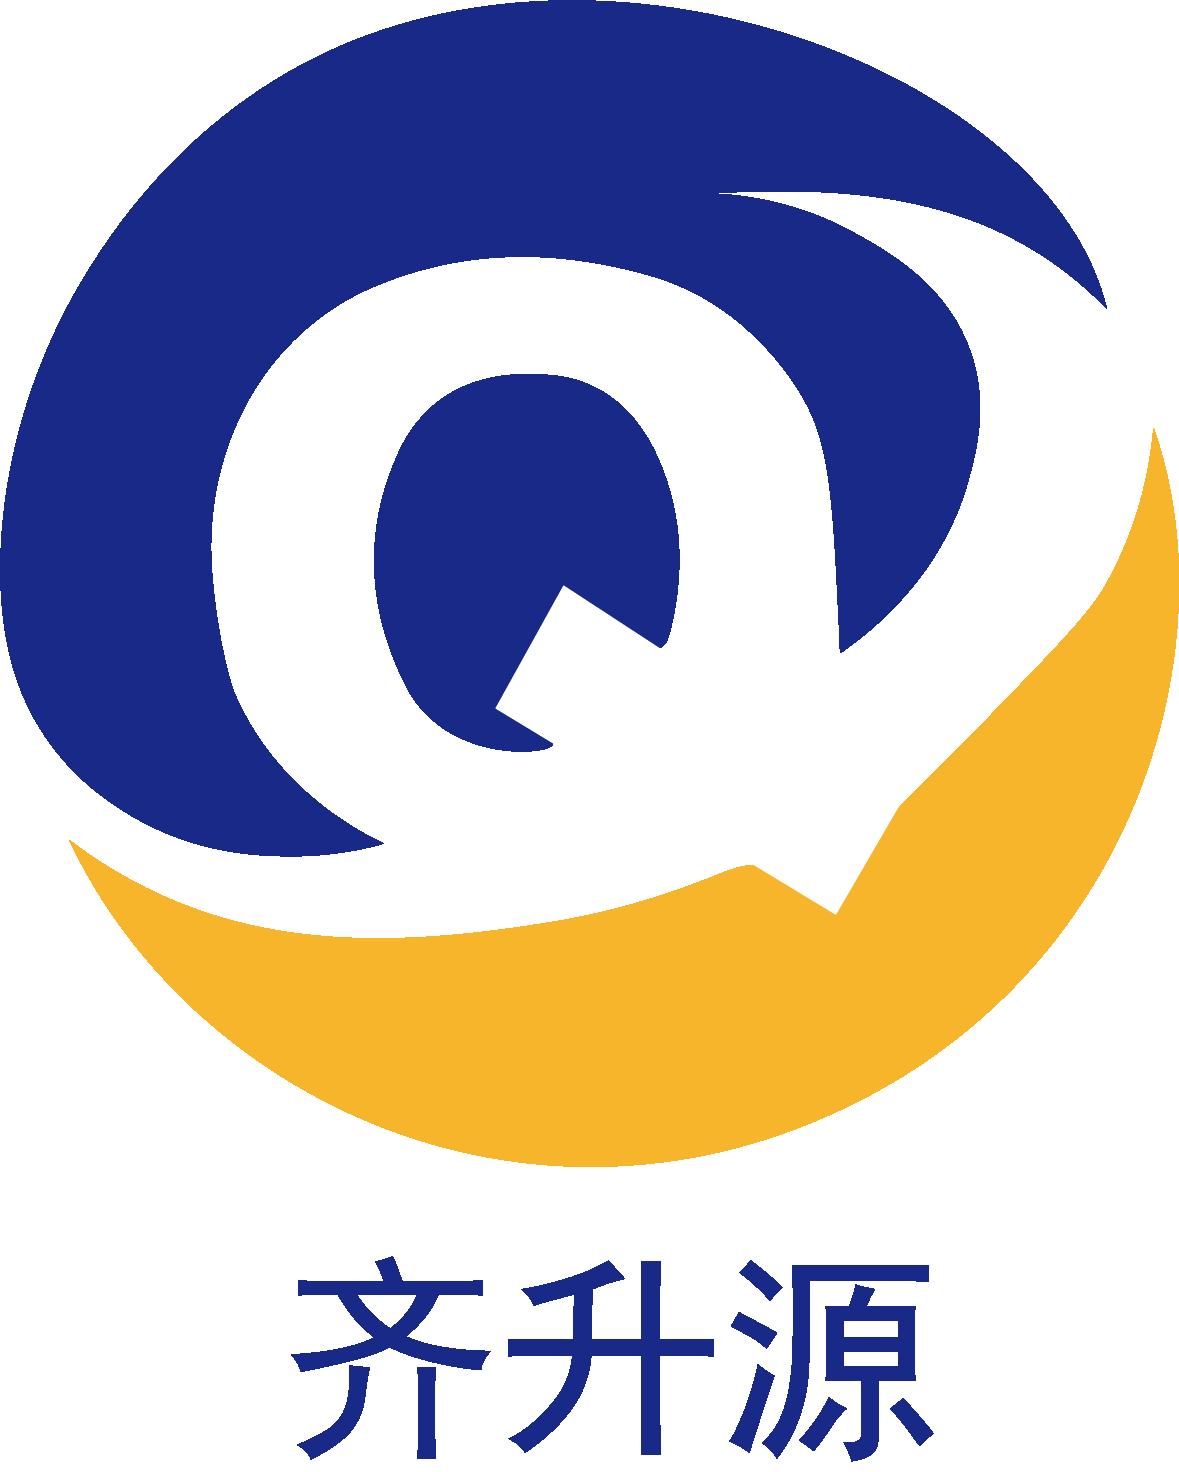 齊升源實驗系統(蘇州)有限公司